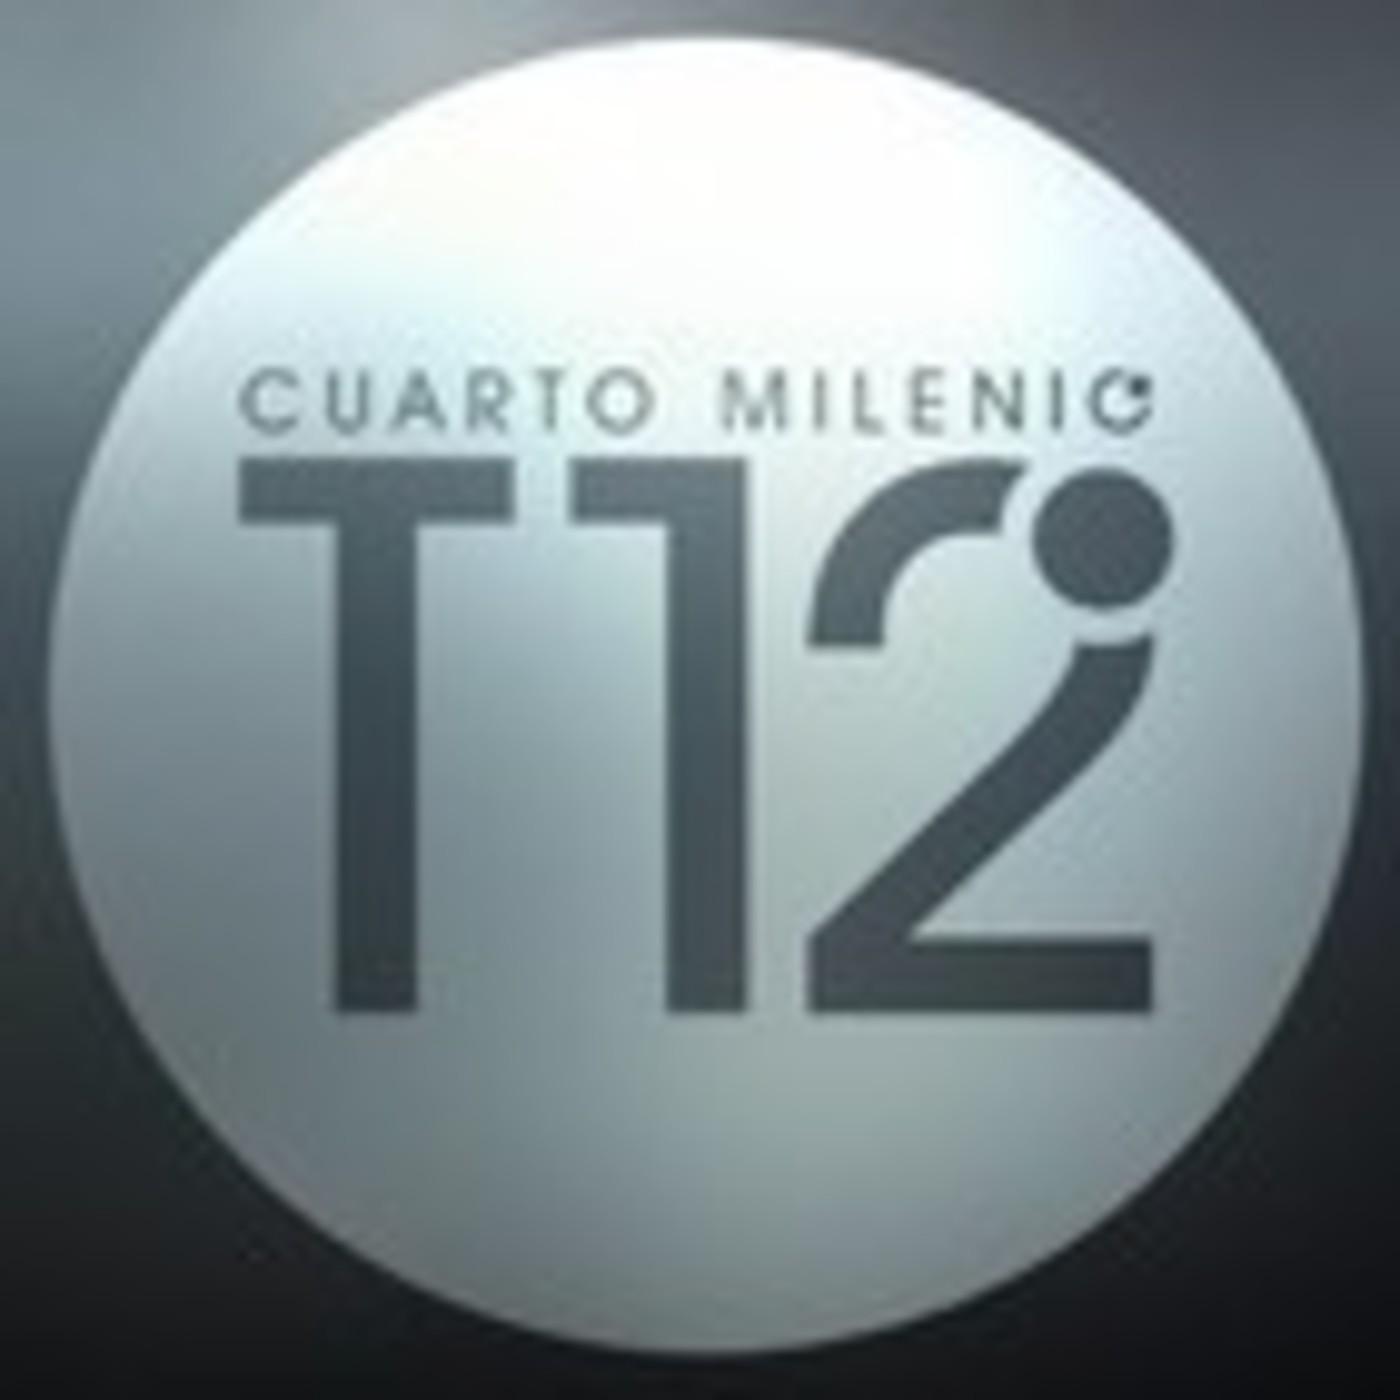 Cuarto Milenio (12/2/2017) 12x24: Debate Videncia U2022 Radium Girls U2022 El árbol  Del Diablo En Cuarto Milenio (Oficial) En Mp3(13/02 A Las 09:18:27)  02:00:19 ...